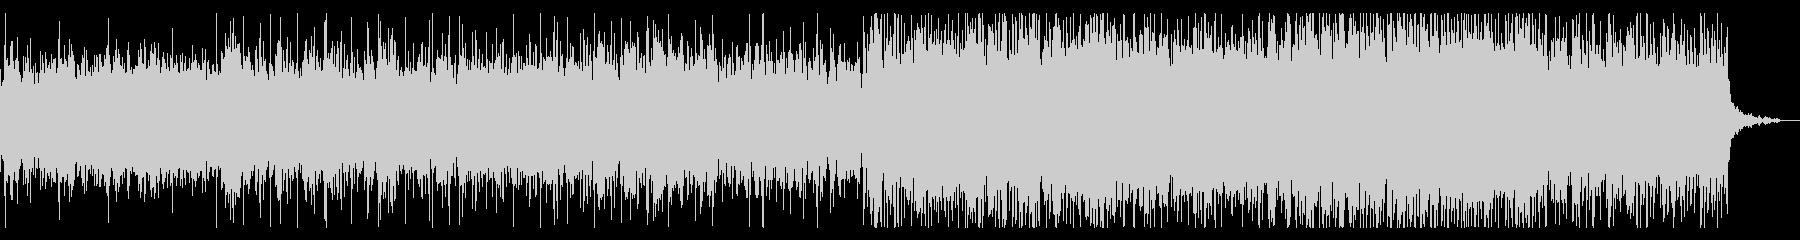 ダークで異質なテクスチャIDMの未再生の波形